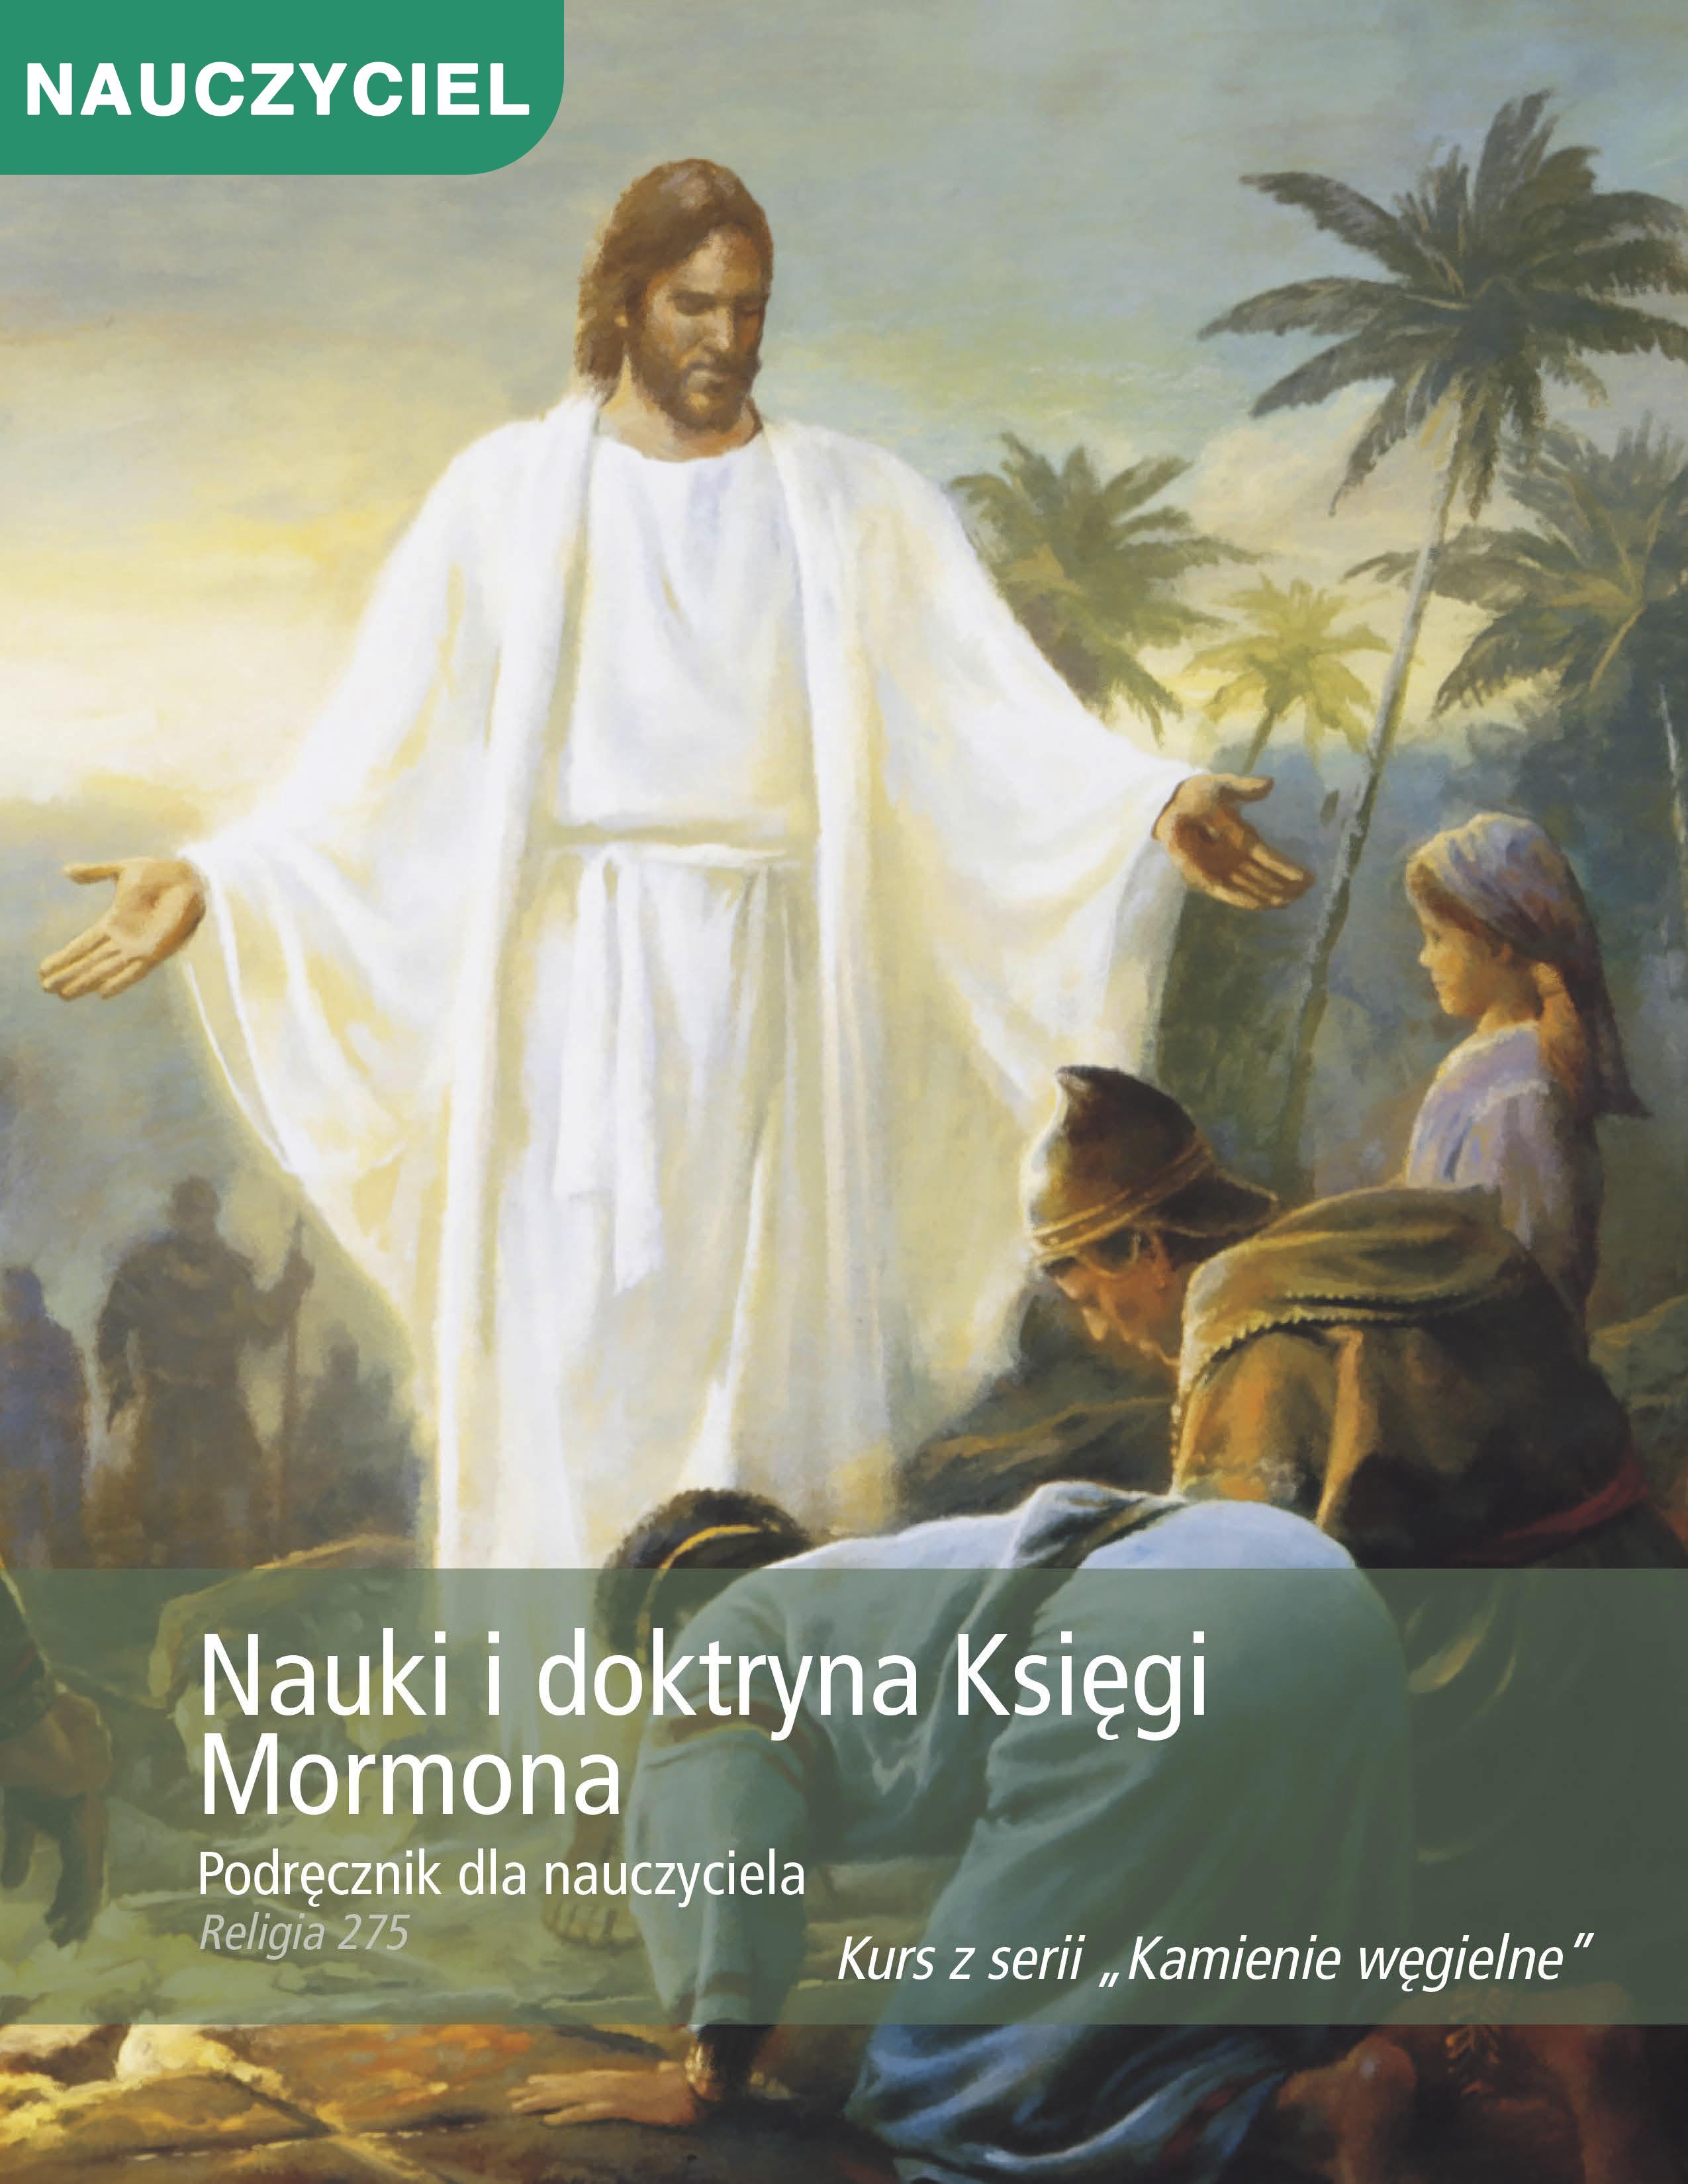 Nauki i doktryna Księgi Mormona. Podręcznik dla nauczyciela (Rel 275)